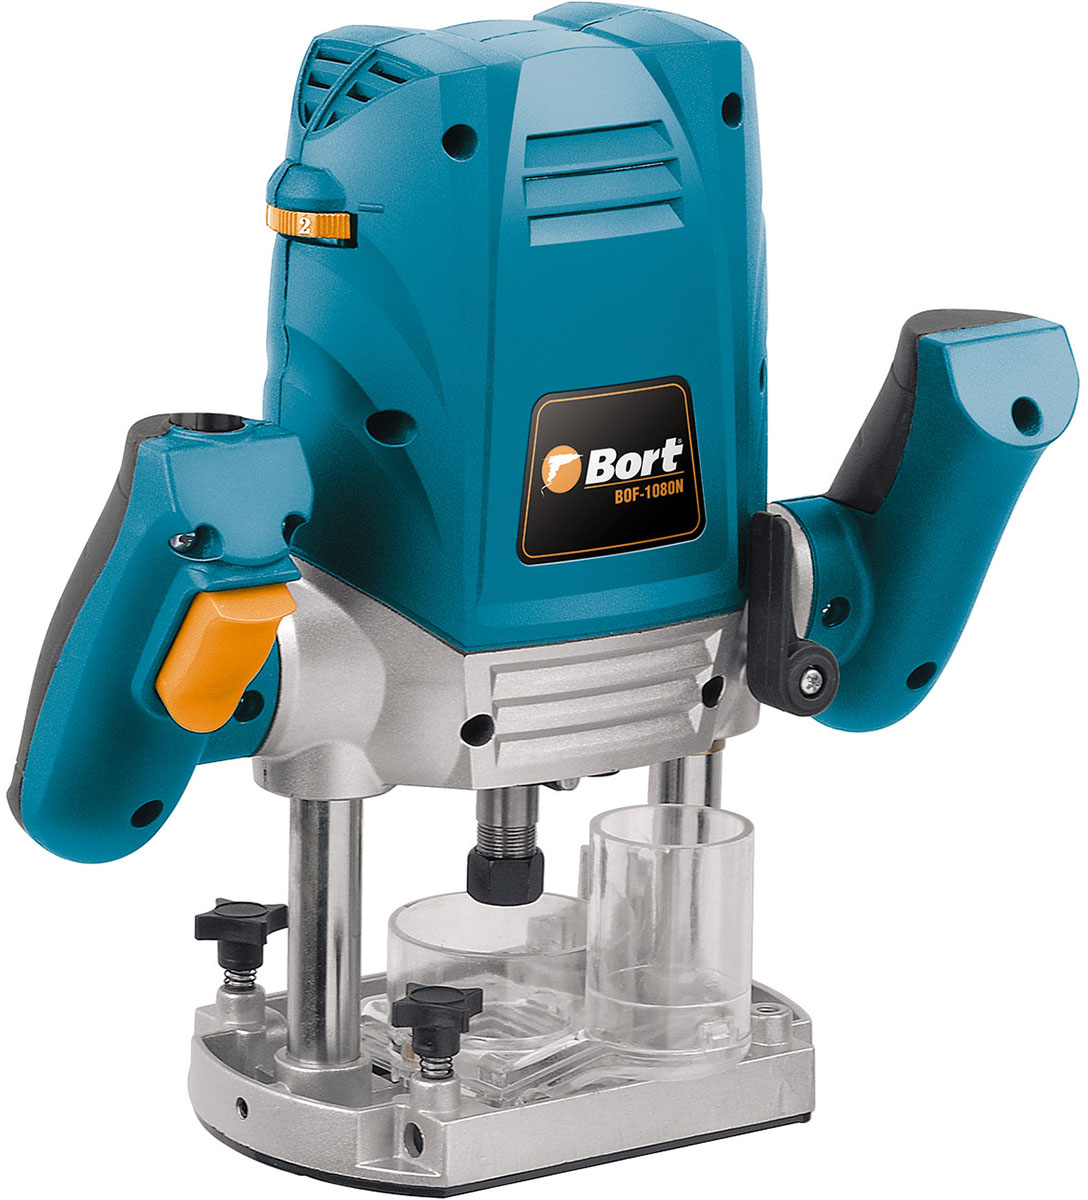 Фрезер Bort BOF-1080N, электрический фрезер электрический bort bof 1600n